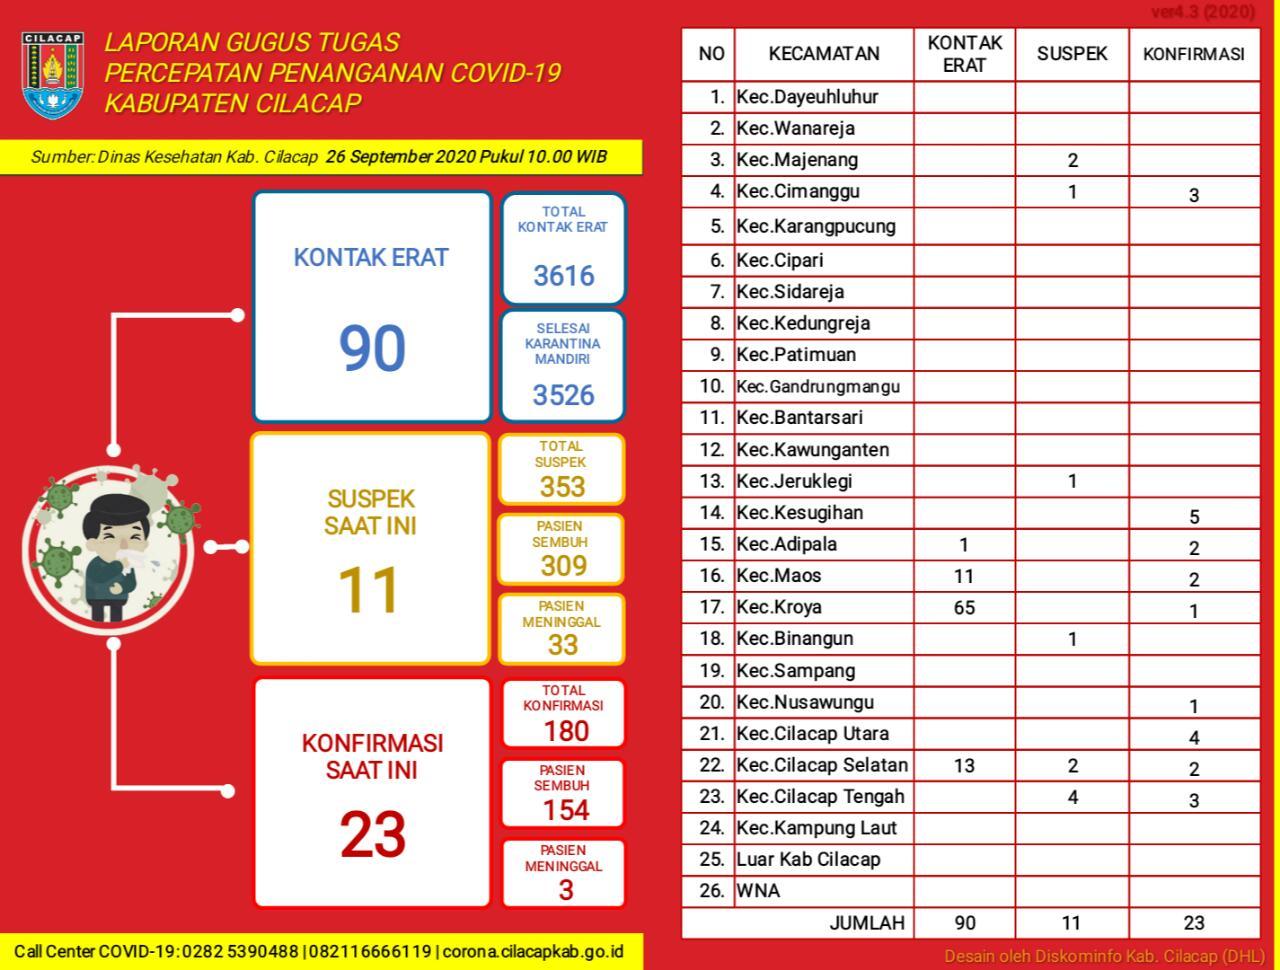 Gugus Tugas Percepatan Penanganan COVID-19 Kabupaten Cilacap, 26 September 2020